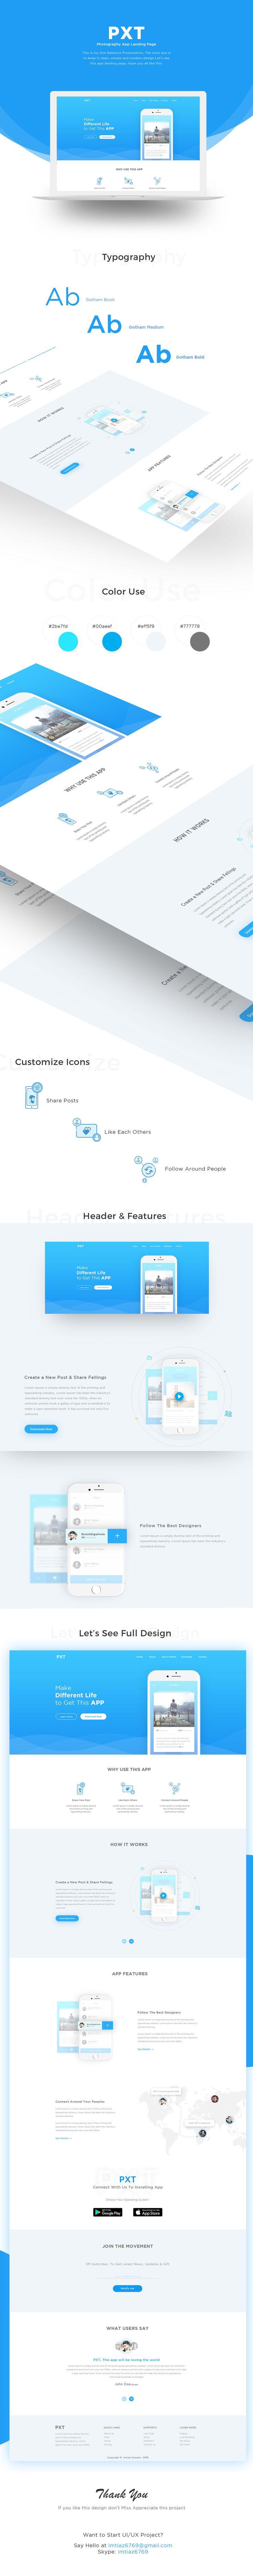 """查看此 @Behance 项目:""""PXT (App Landing Page)""""https://www.behance.net/gallery/45435185/PXT-(App-Landing-Page)"""